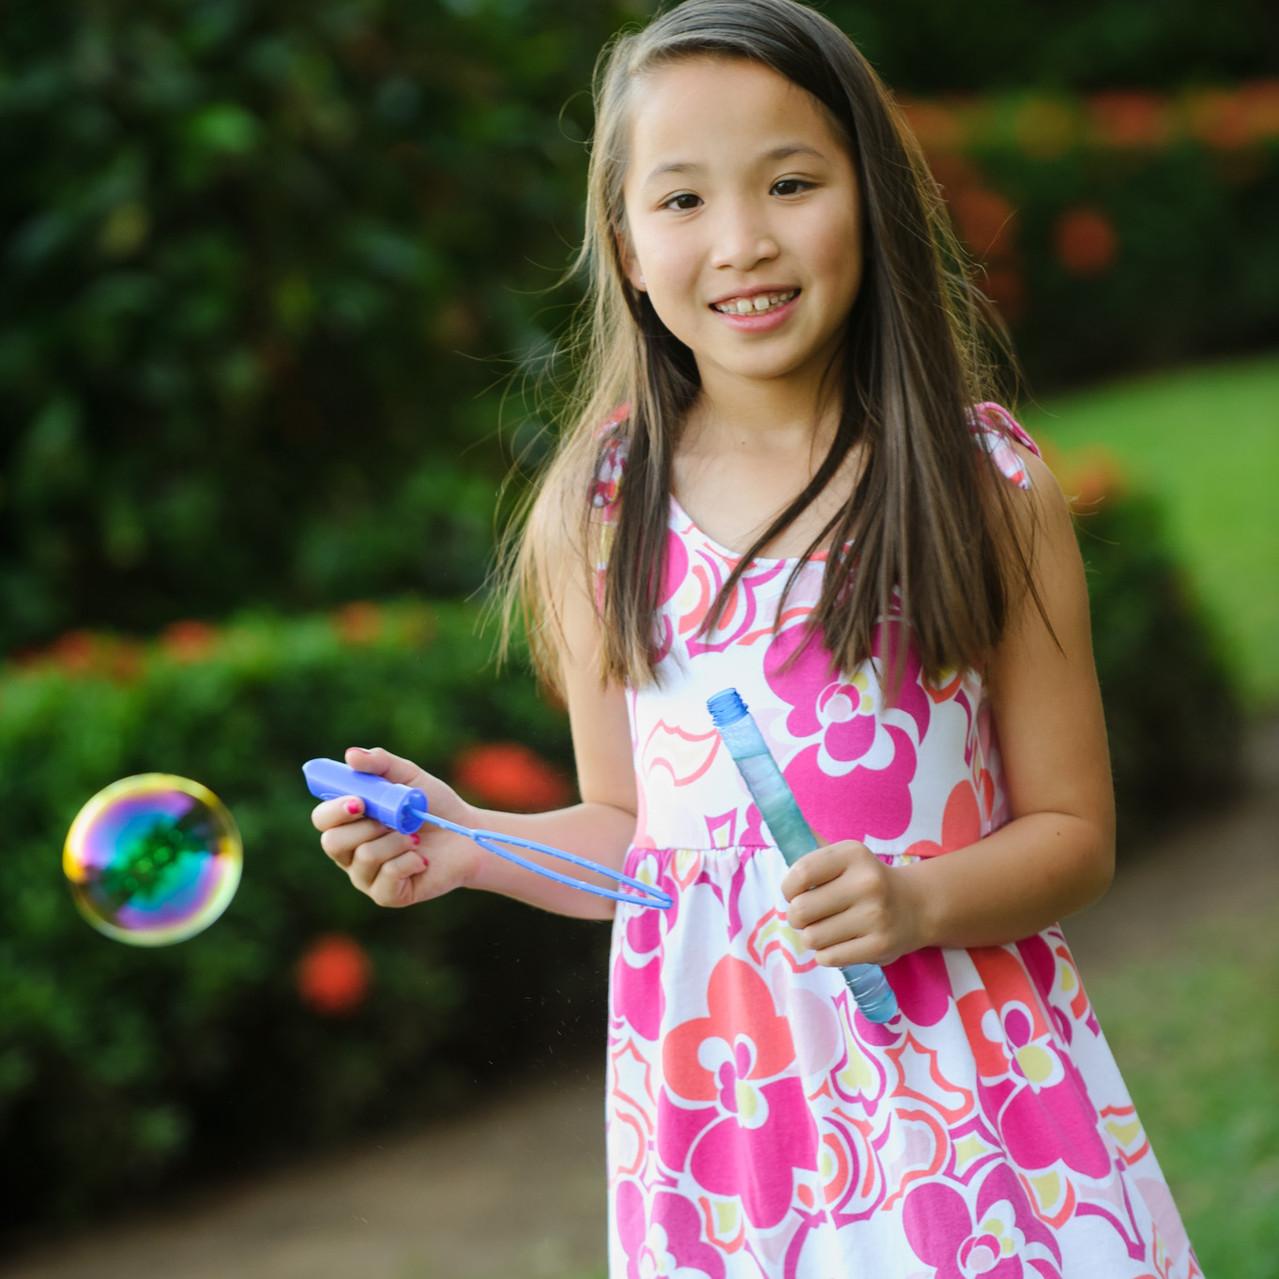 Fun with bubbles at Hacienda Pinilla